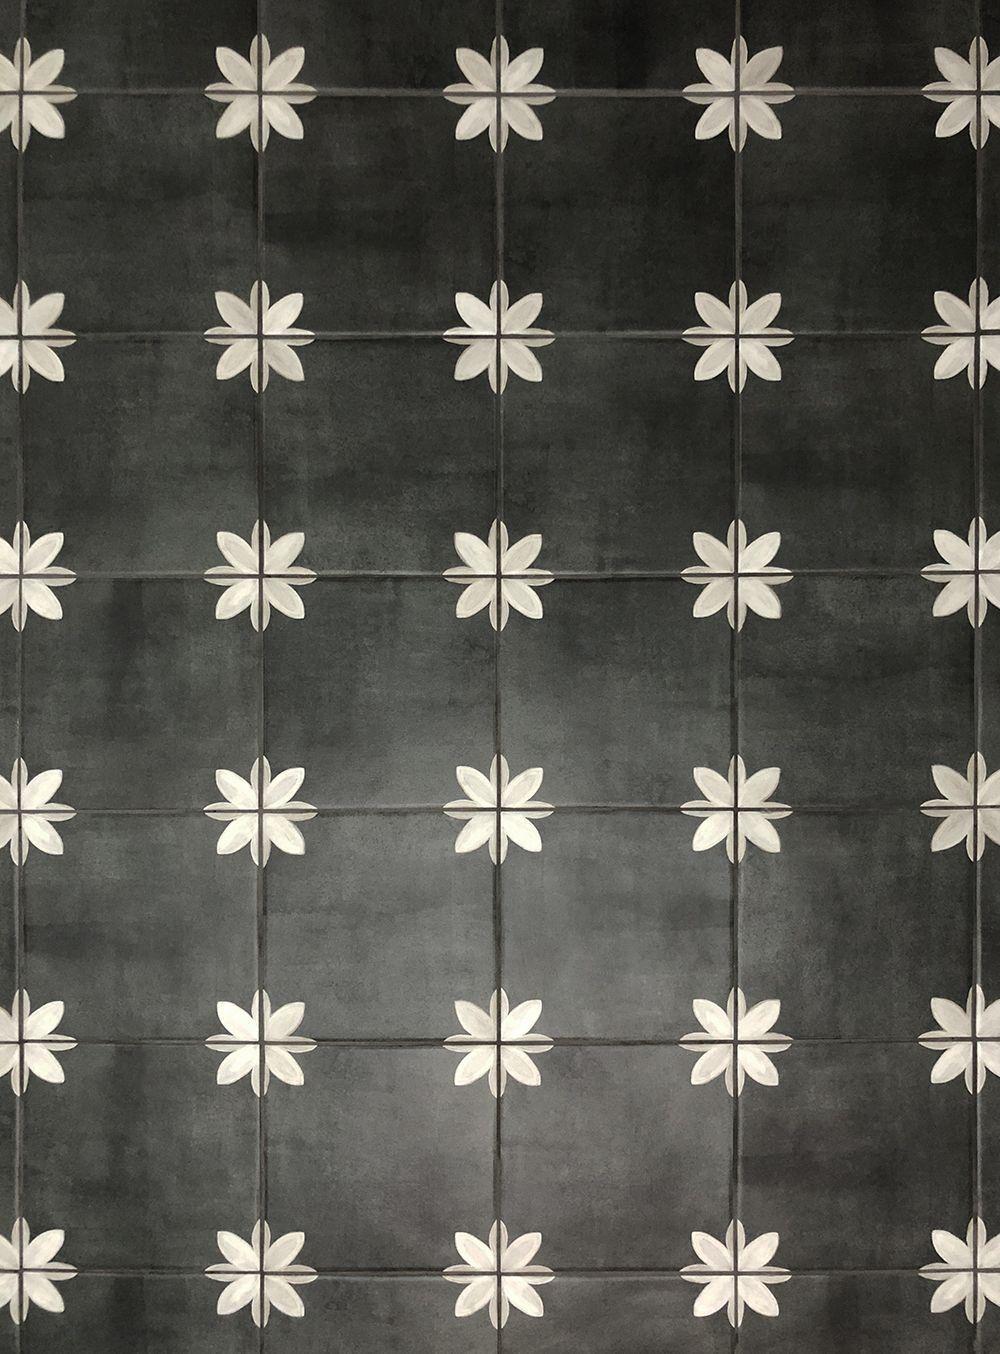 DIY Heated Floor Tile Tutorial - Room for Tuesday | 1000 ...